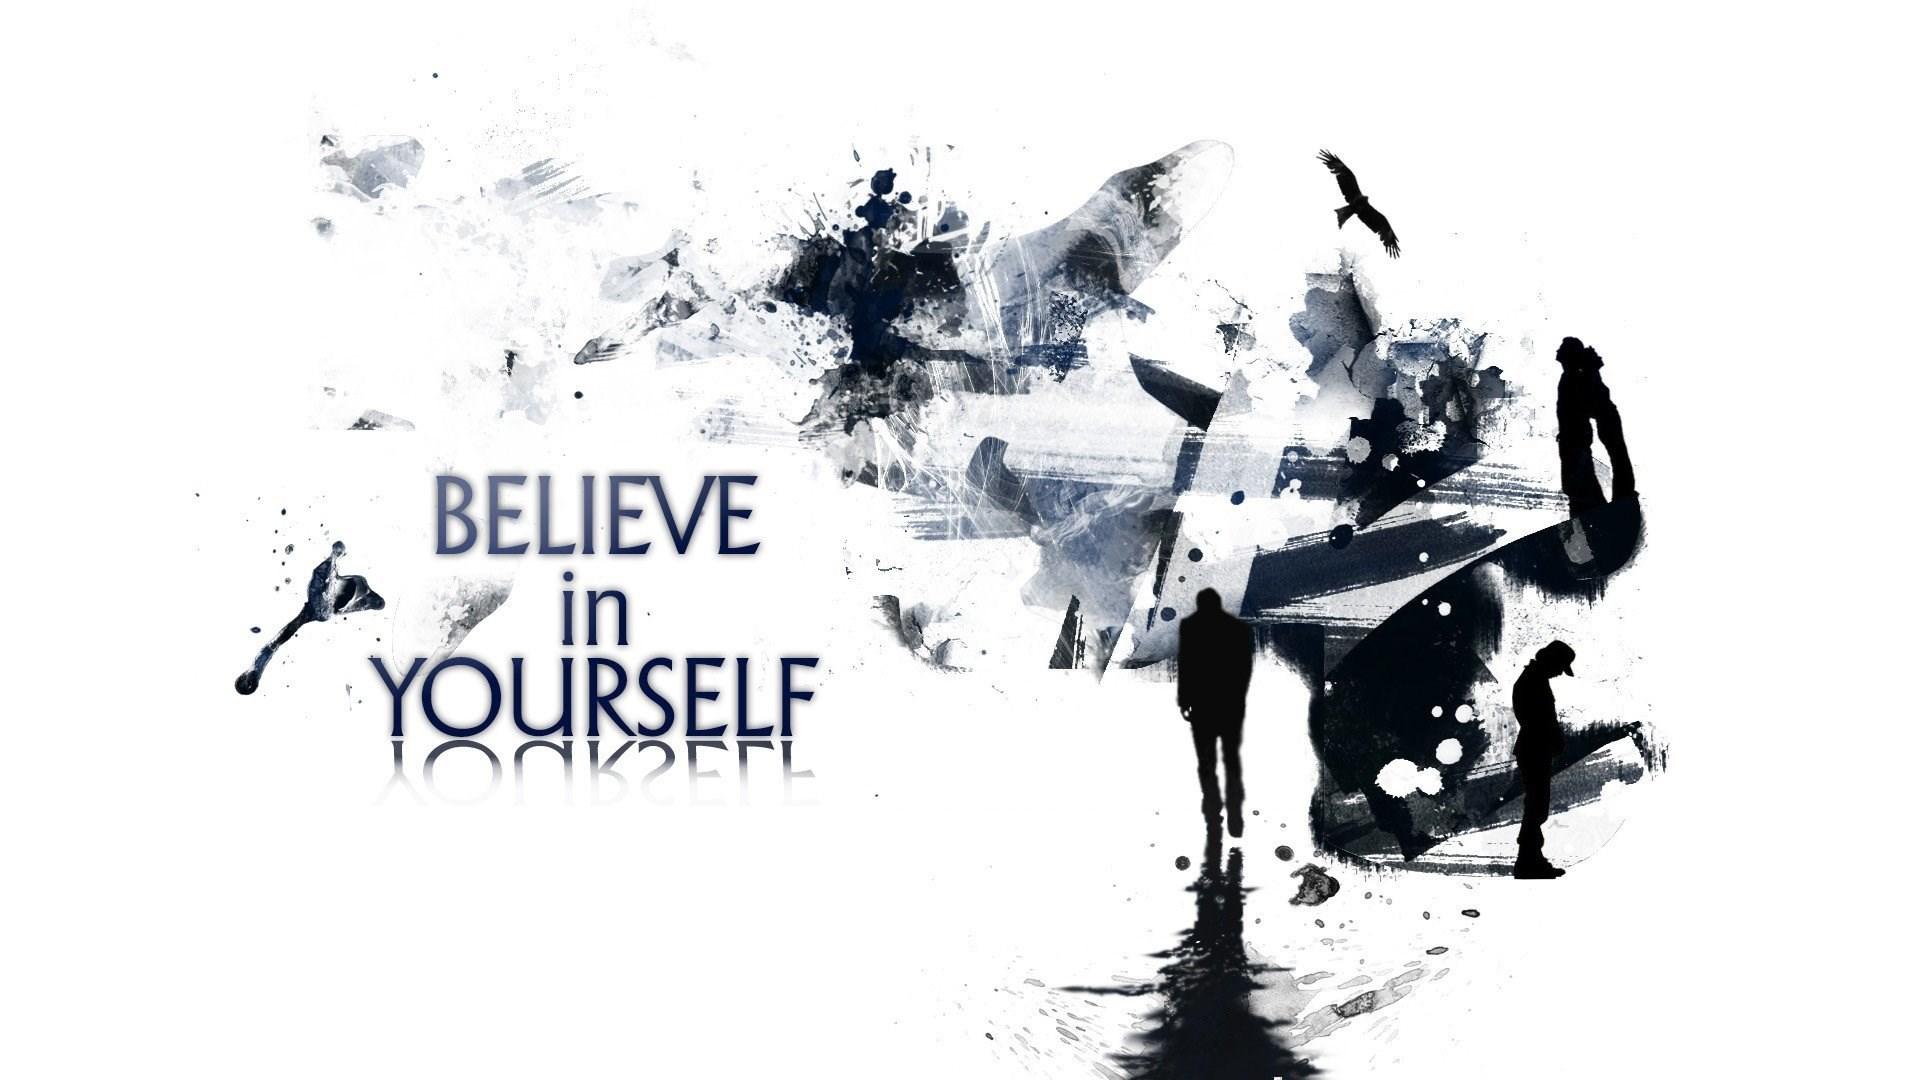 Believe in yourself wallpapers hd desktop background - Graphic design desktop wallpaper hd ...